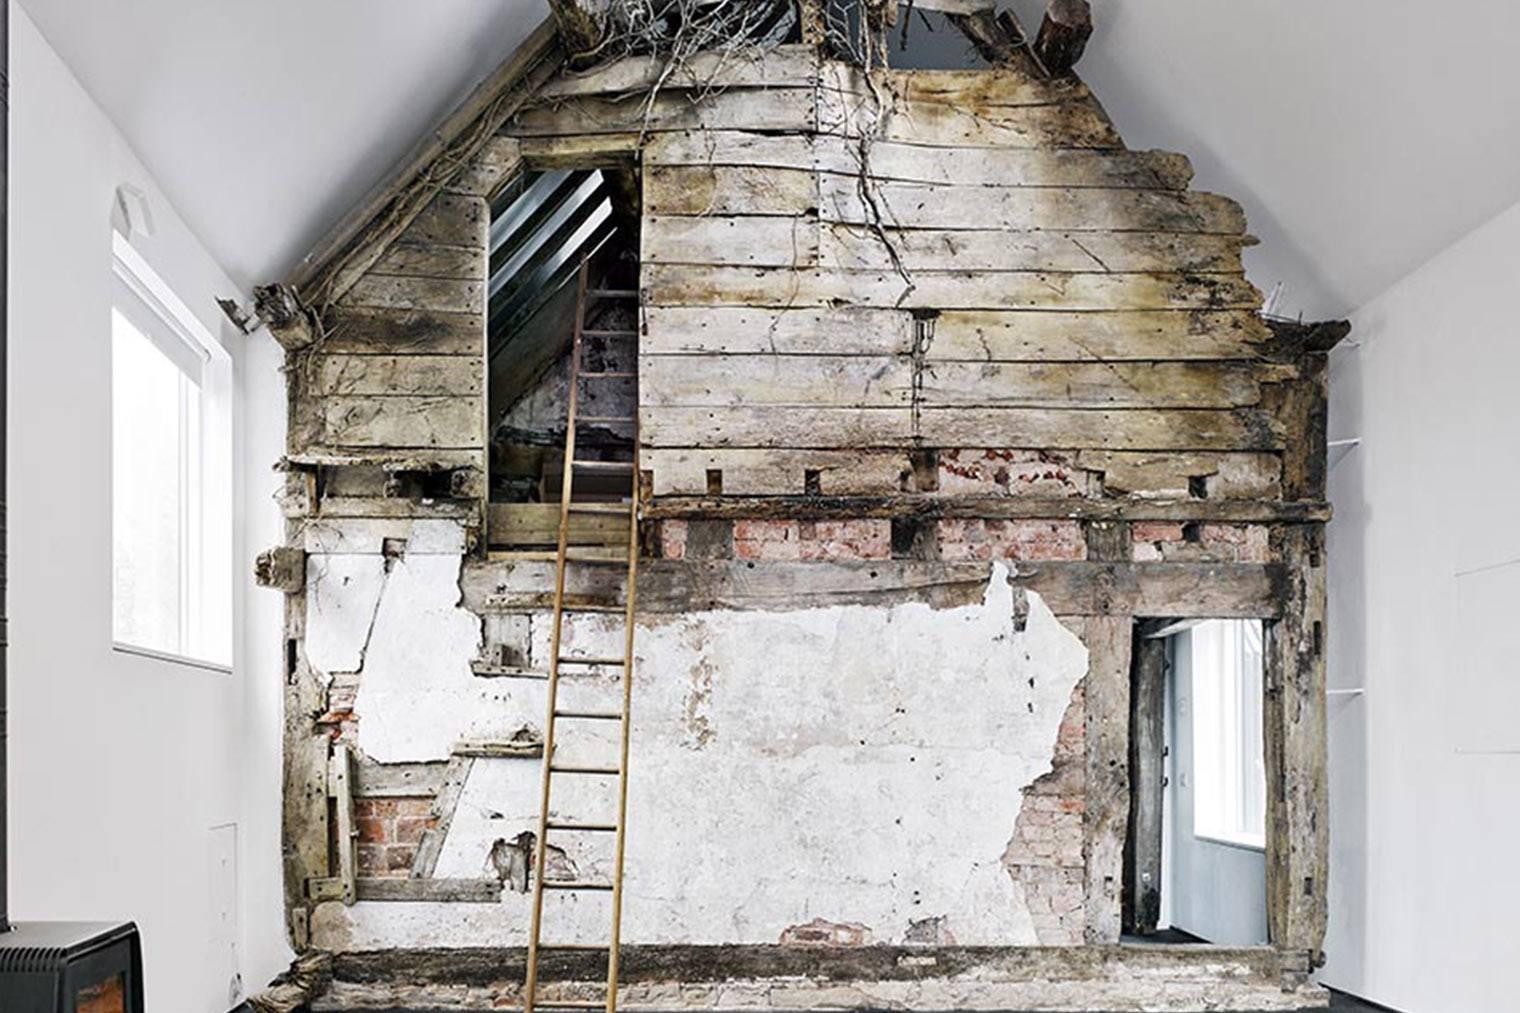 Tendencias en arquitectura la ruina es bella for Tendencia minimalista arquitectura